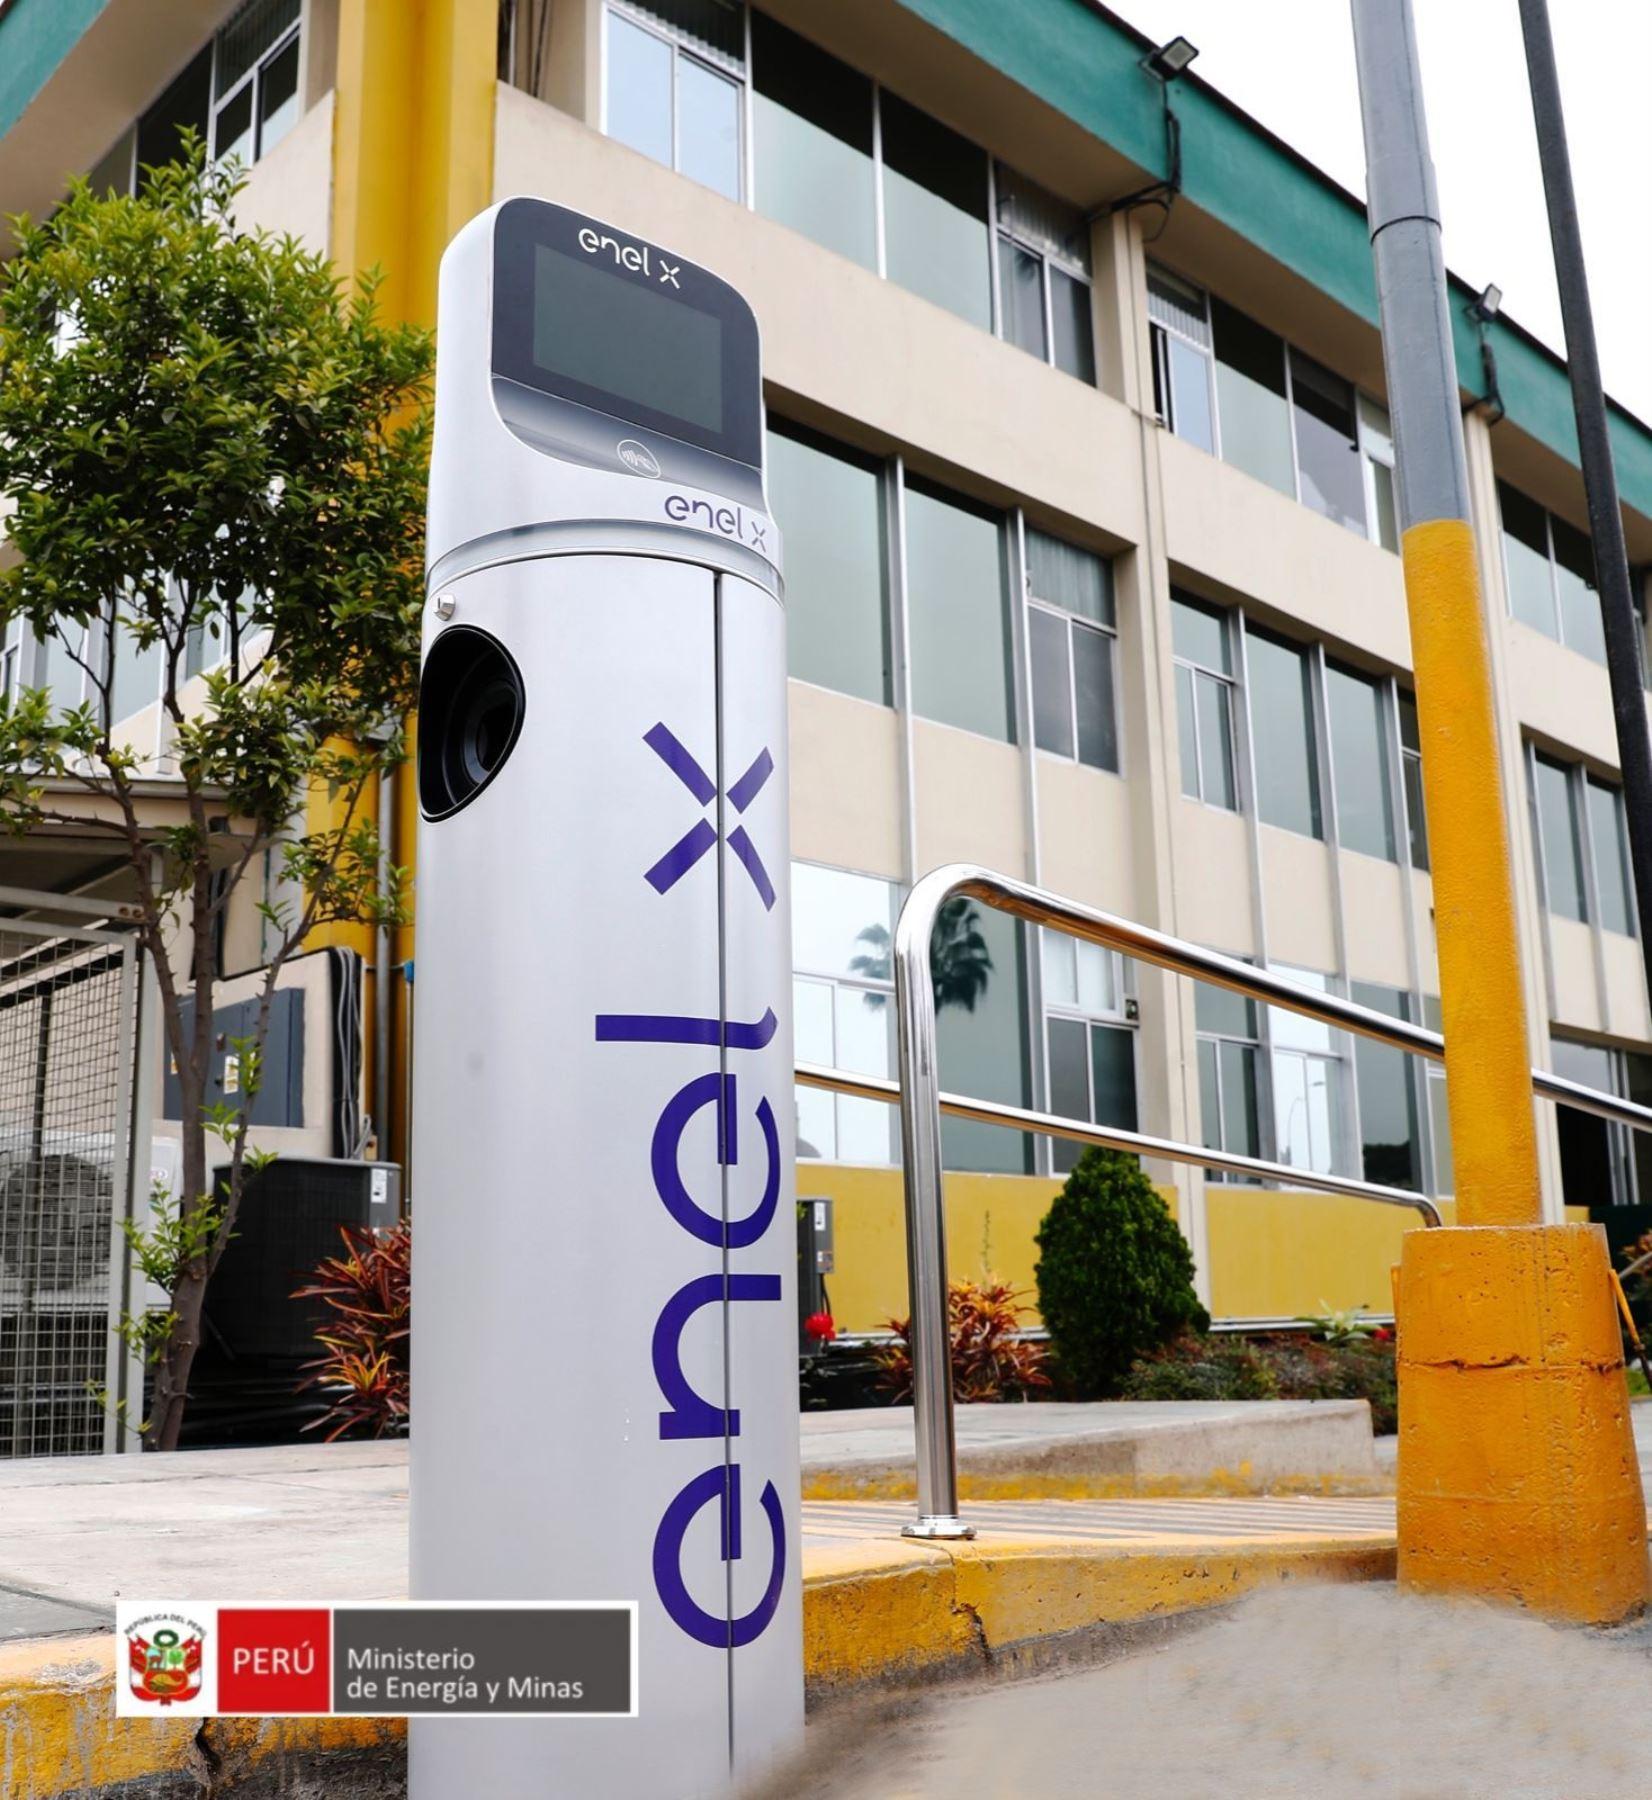 Implementan estación de carga para vehículos eléctricos en sede del Minem